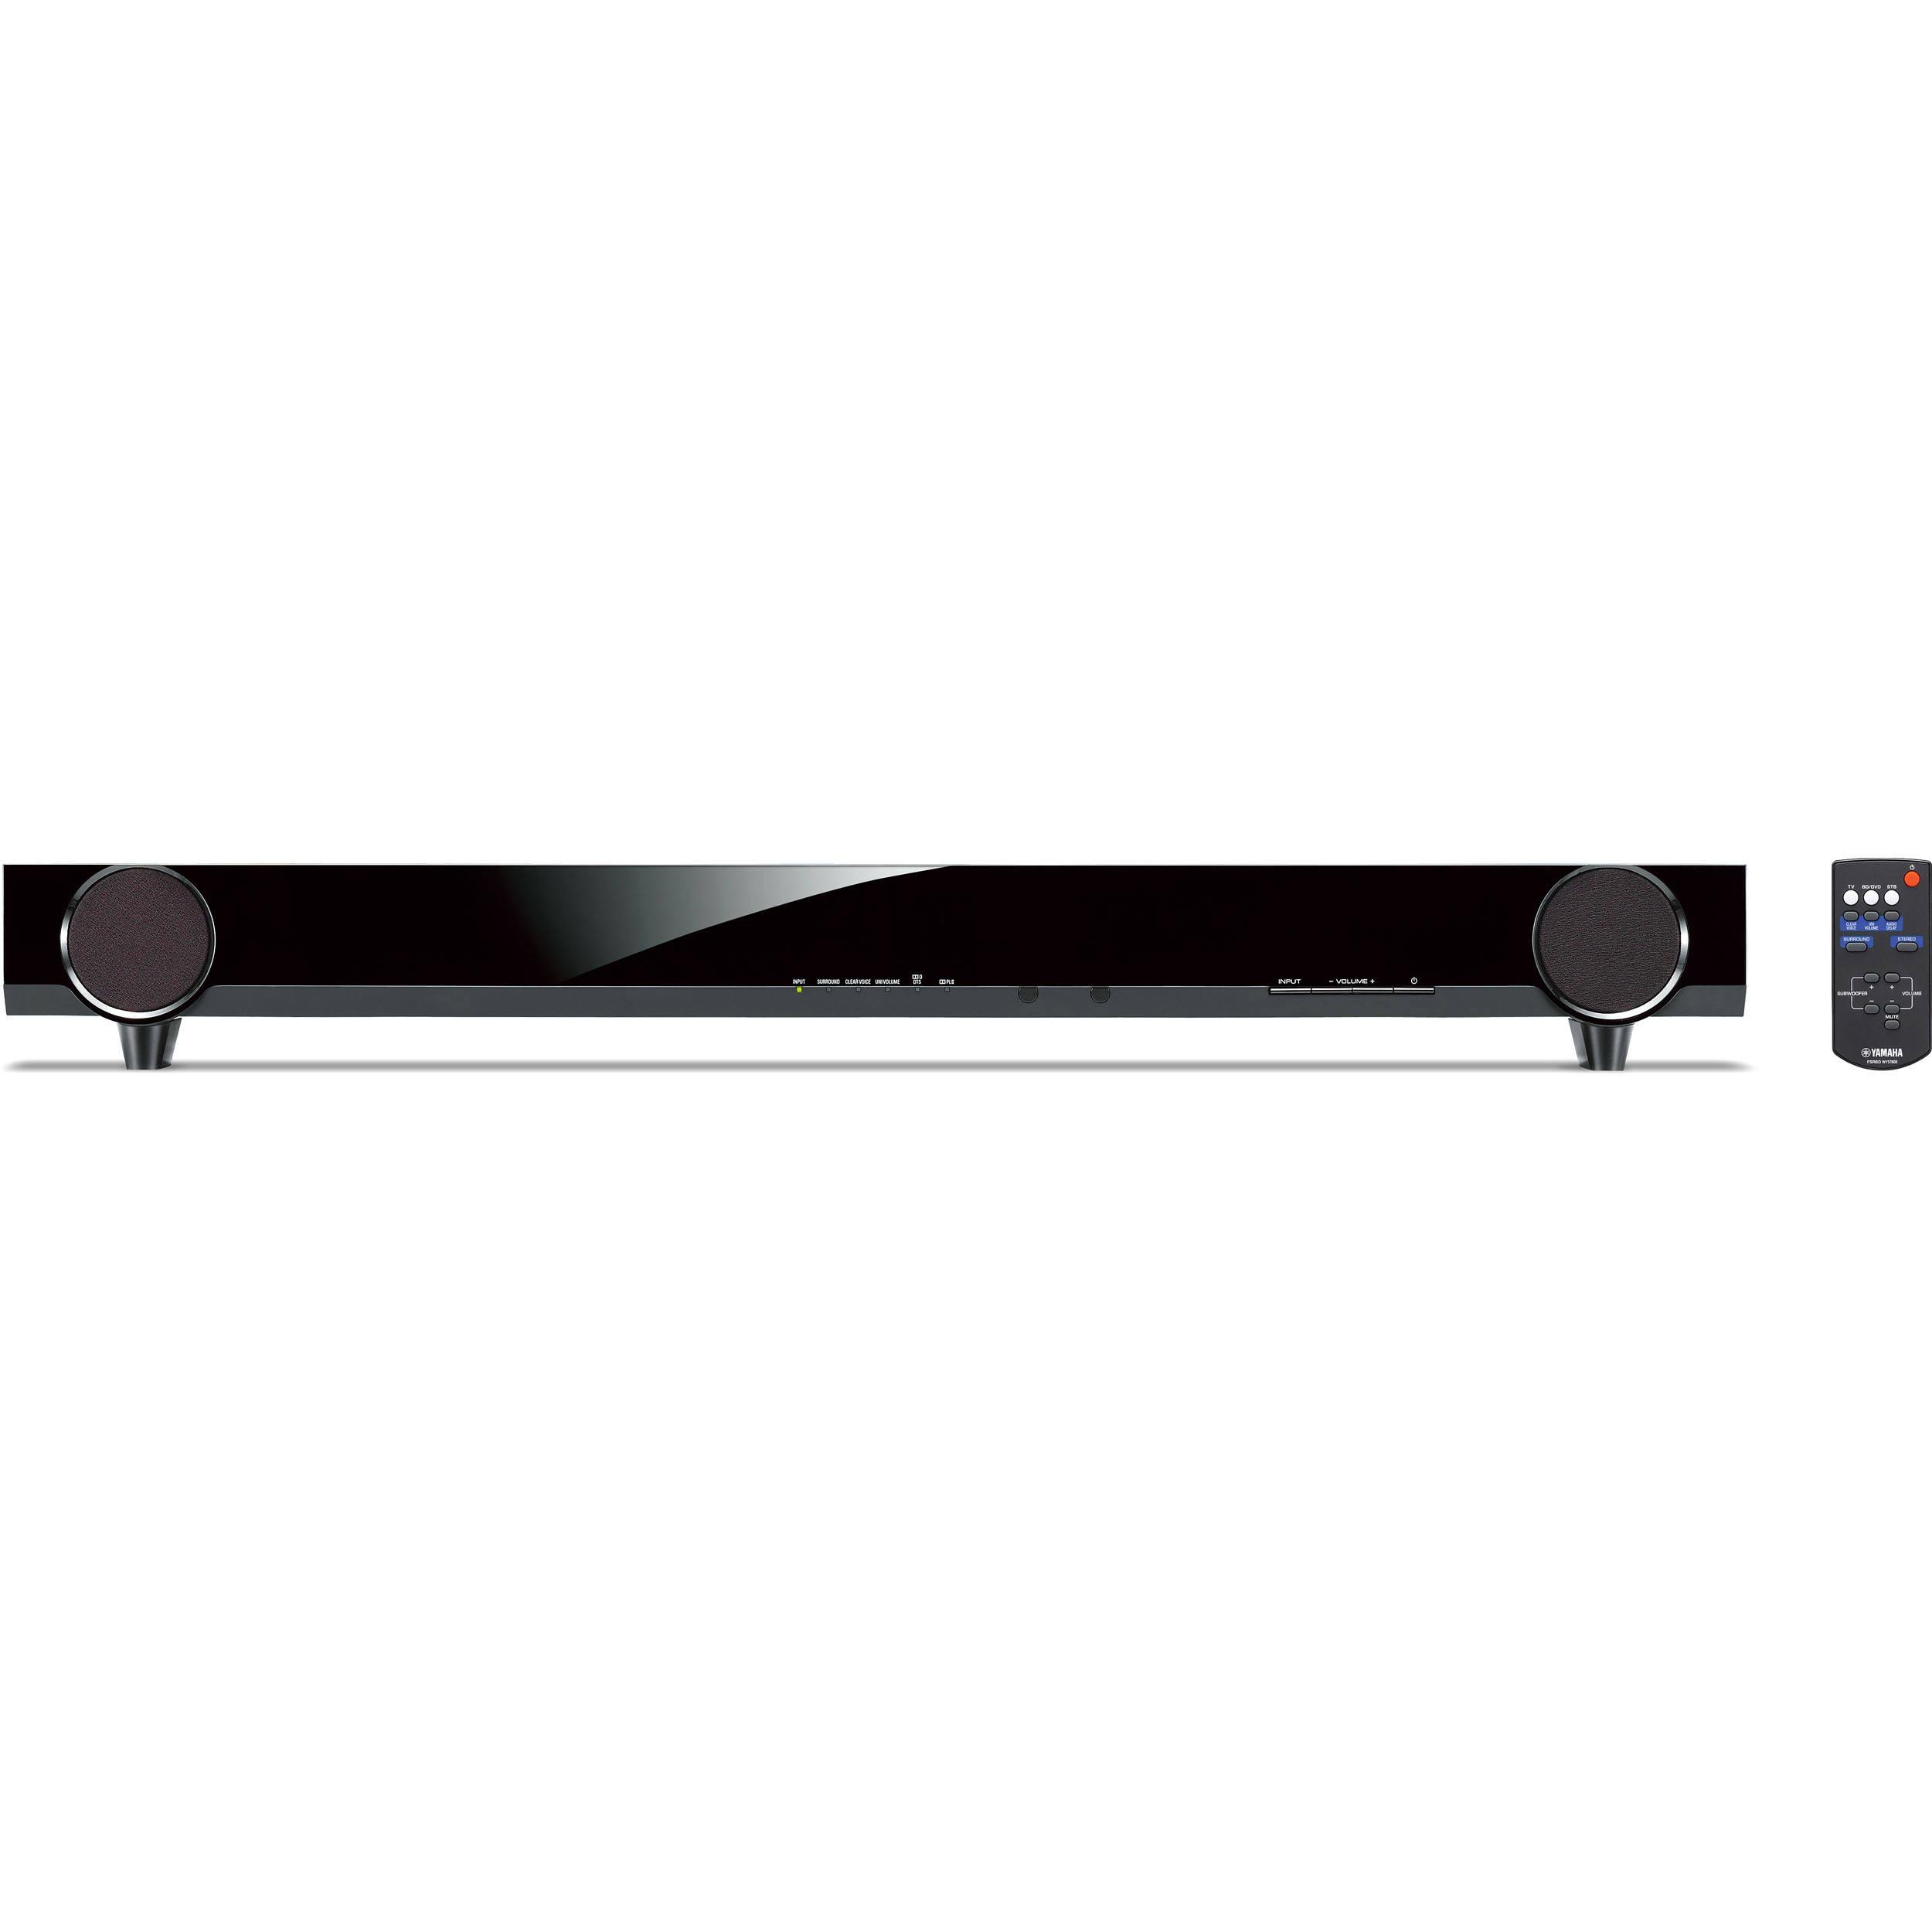 yamaha yas 101 front surround soundbar speaker system yas. Black Bedroom Furniture Sets. Home Design Ideas